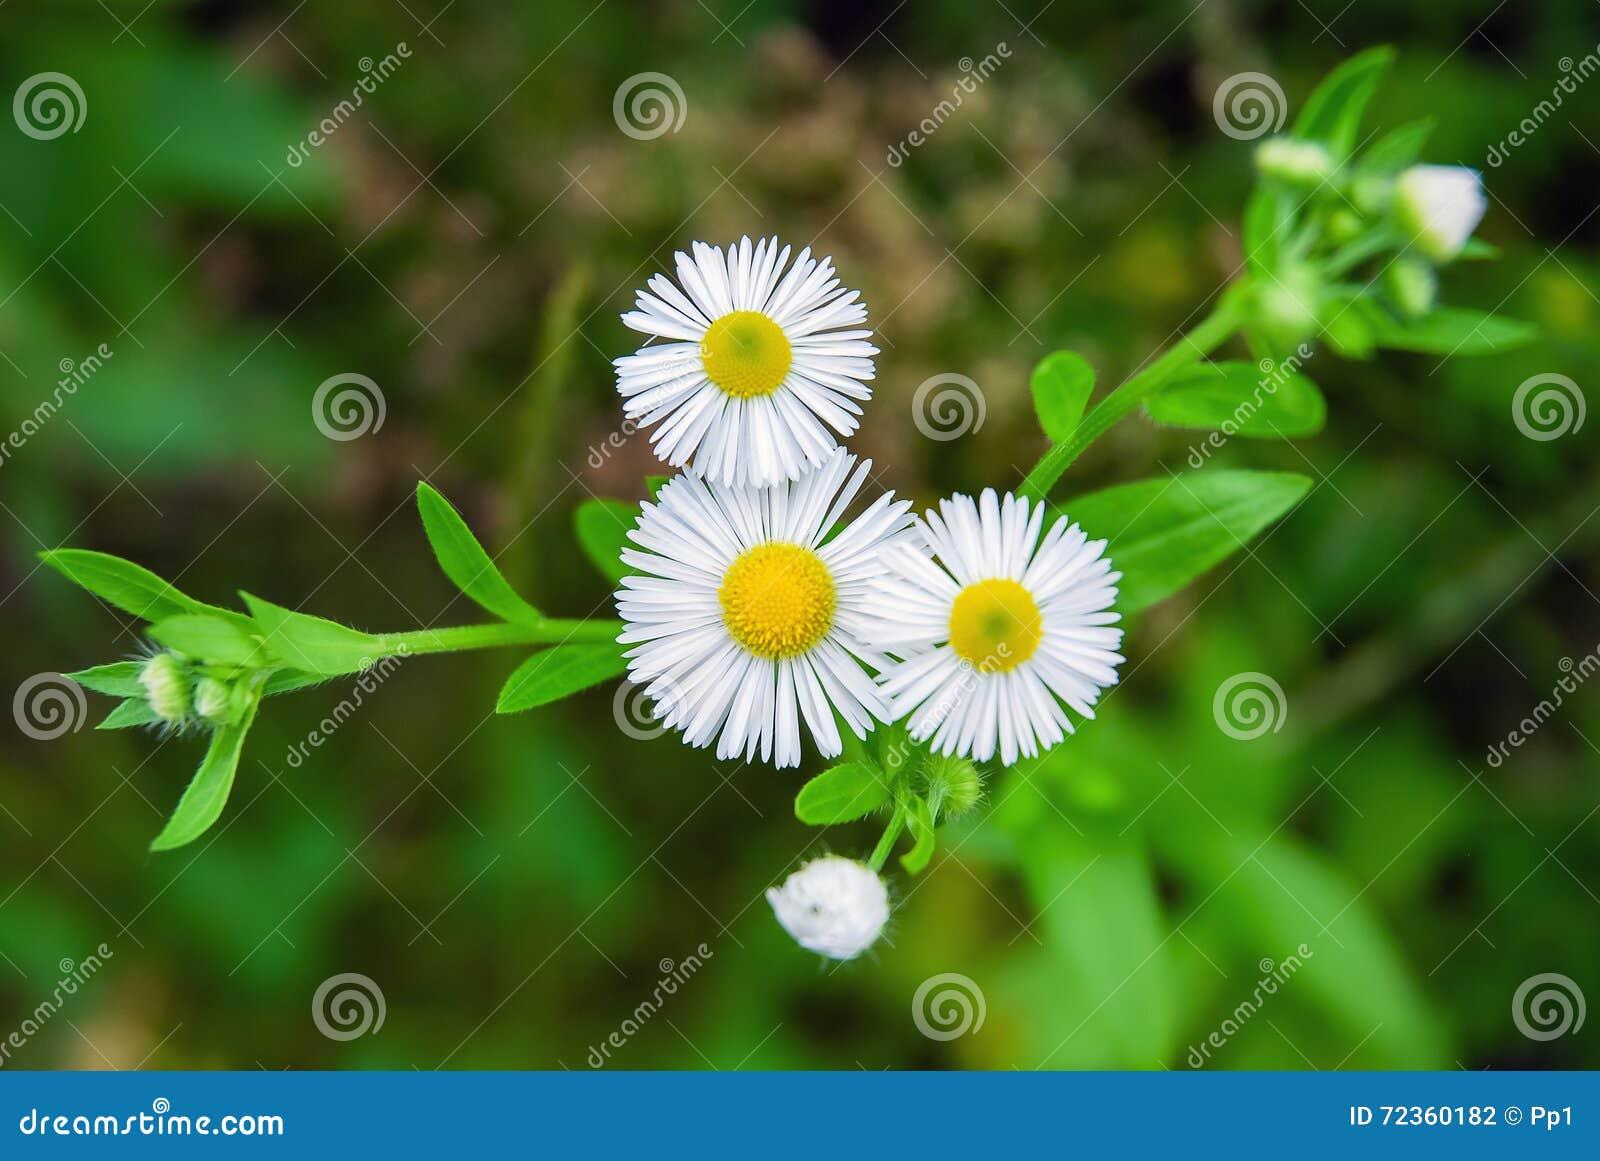 春黄菊狂放的草甸自然春黄菊开花